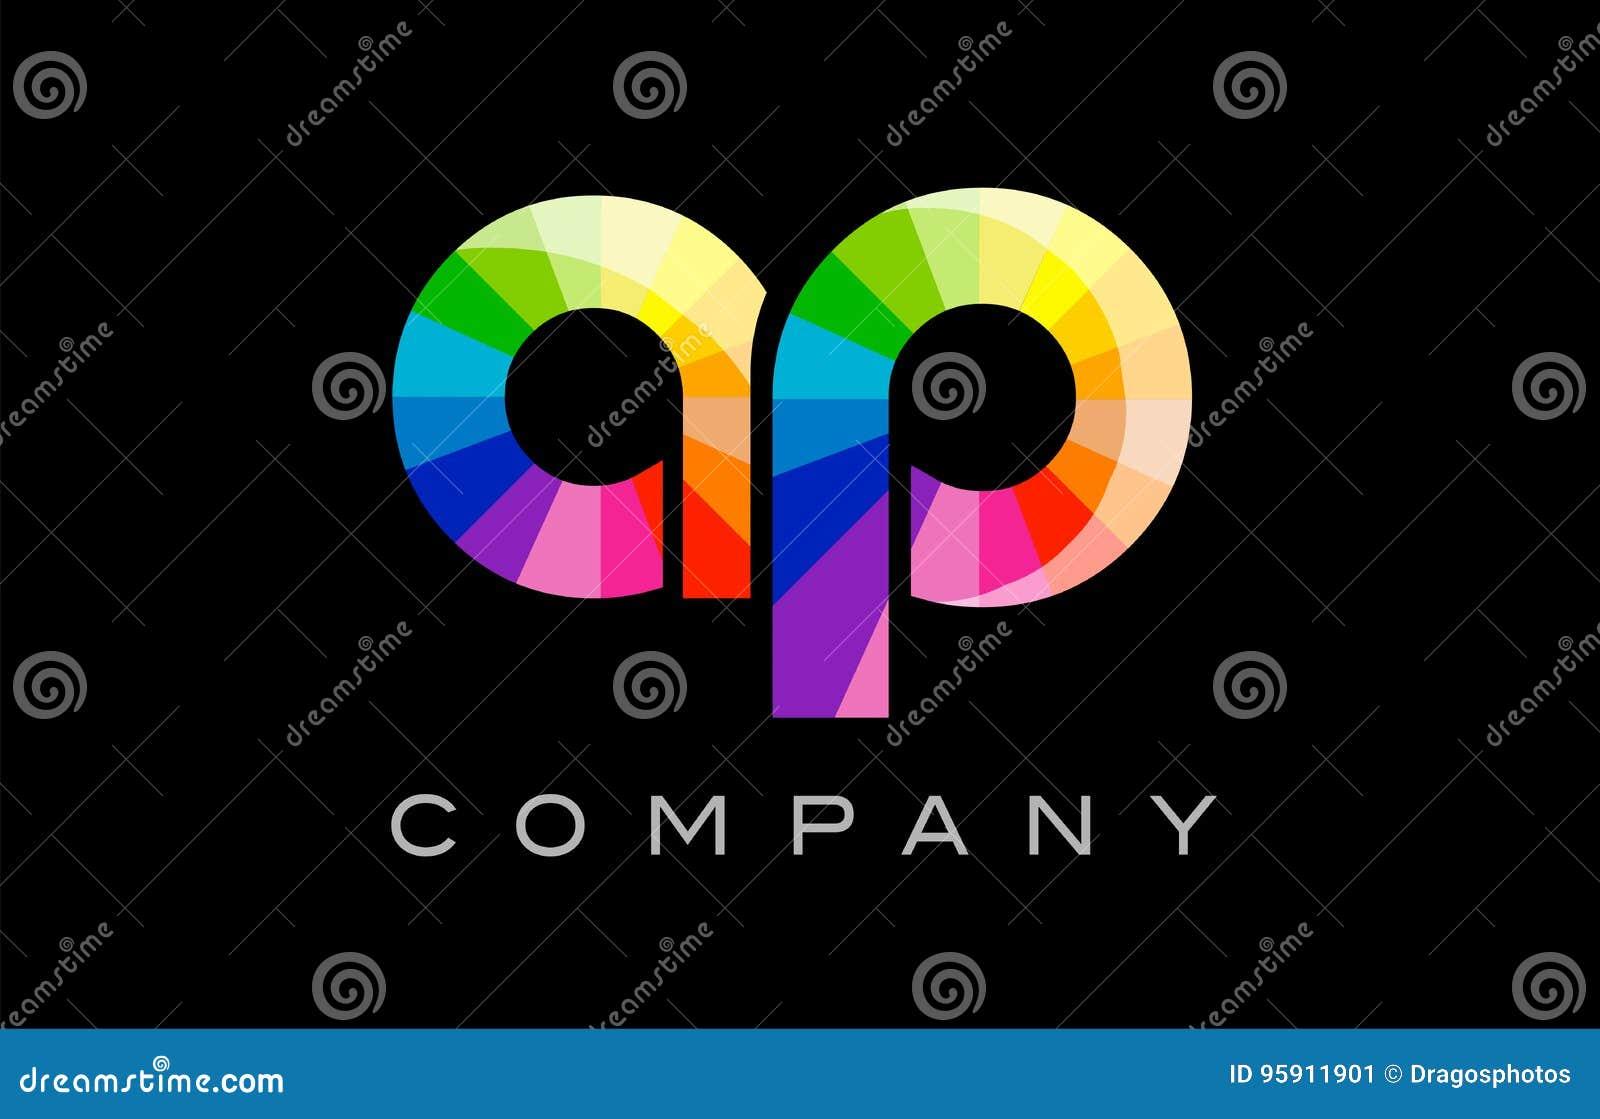 AP A P Alphabet Letter Mosaic Vector Design